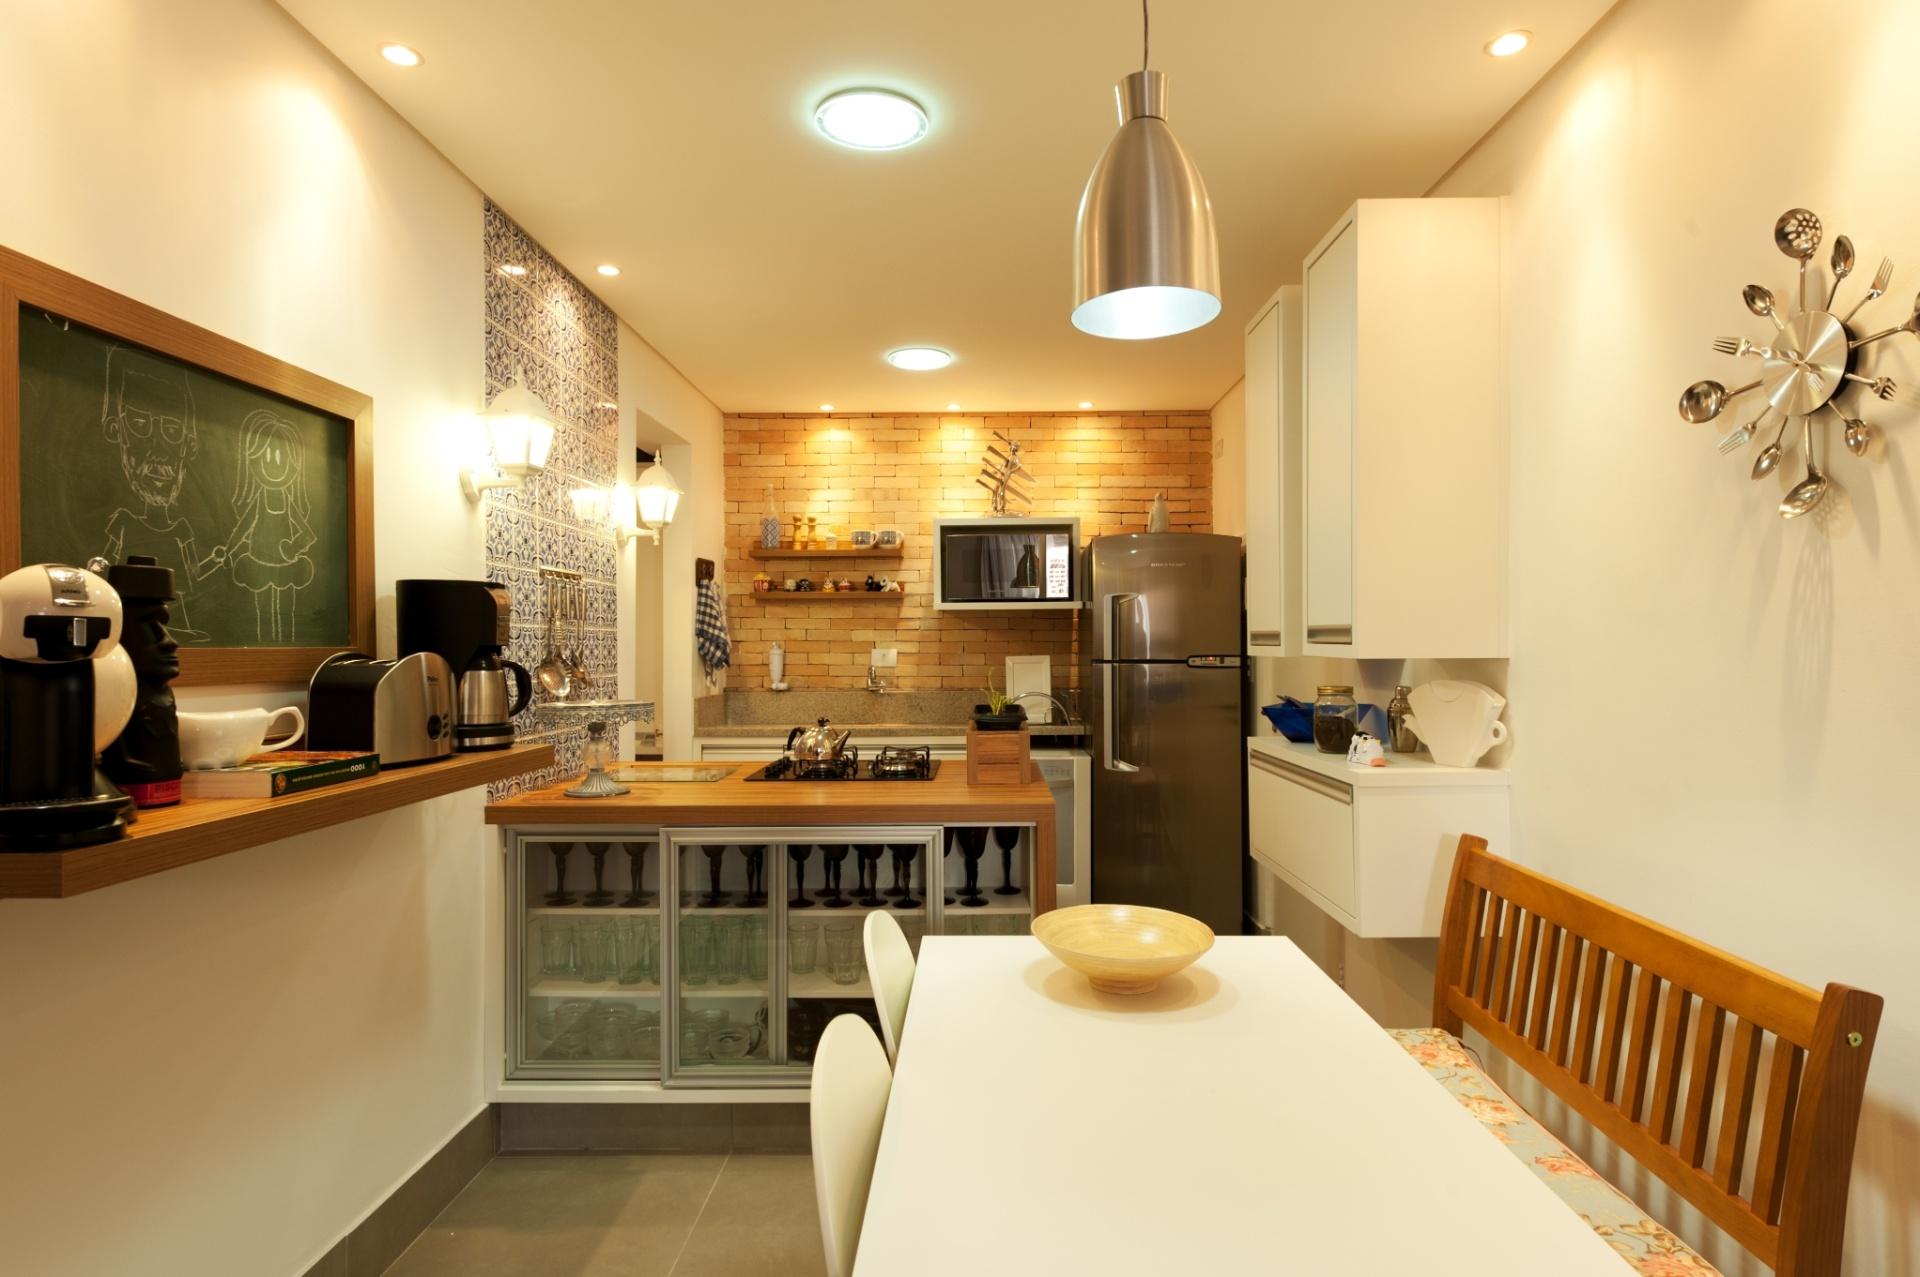 : ideias de decoração para salas banheiros e cozinhas pequenas #BF7F0C 1920 1277